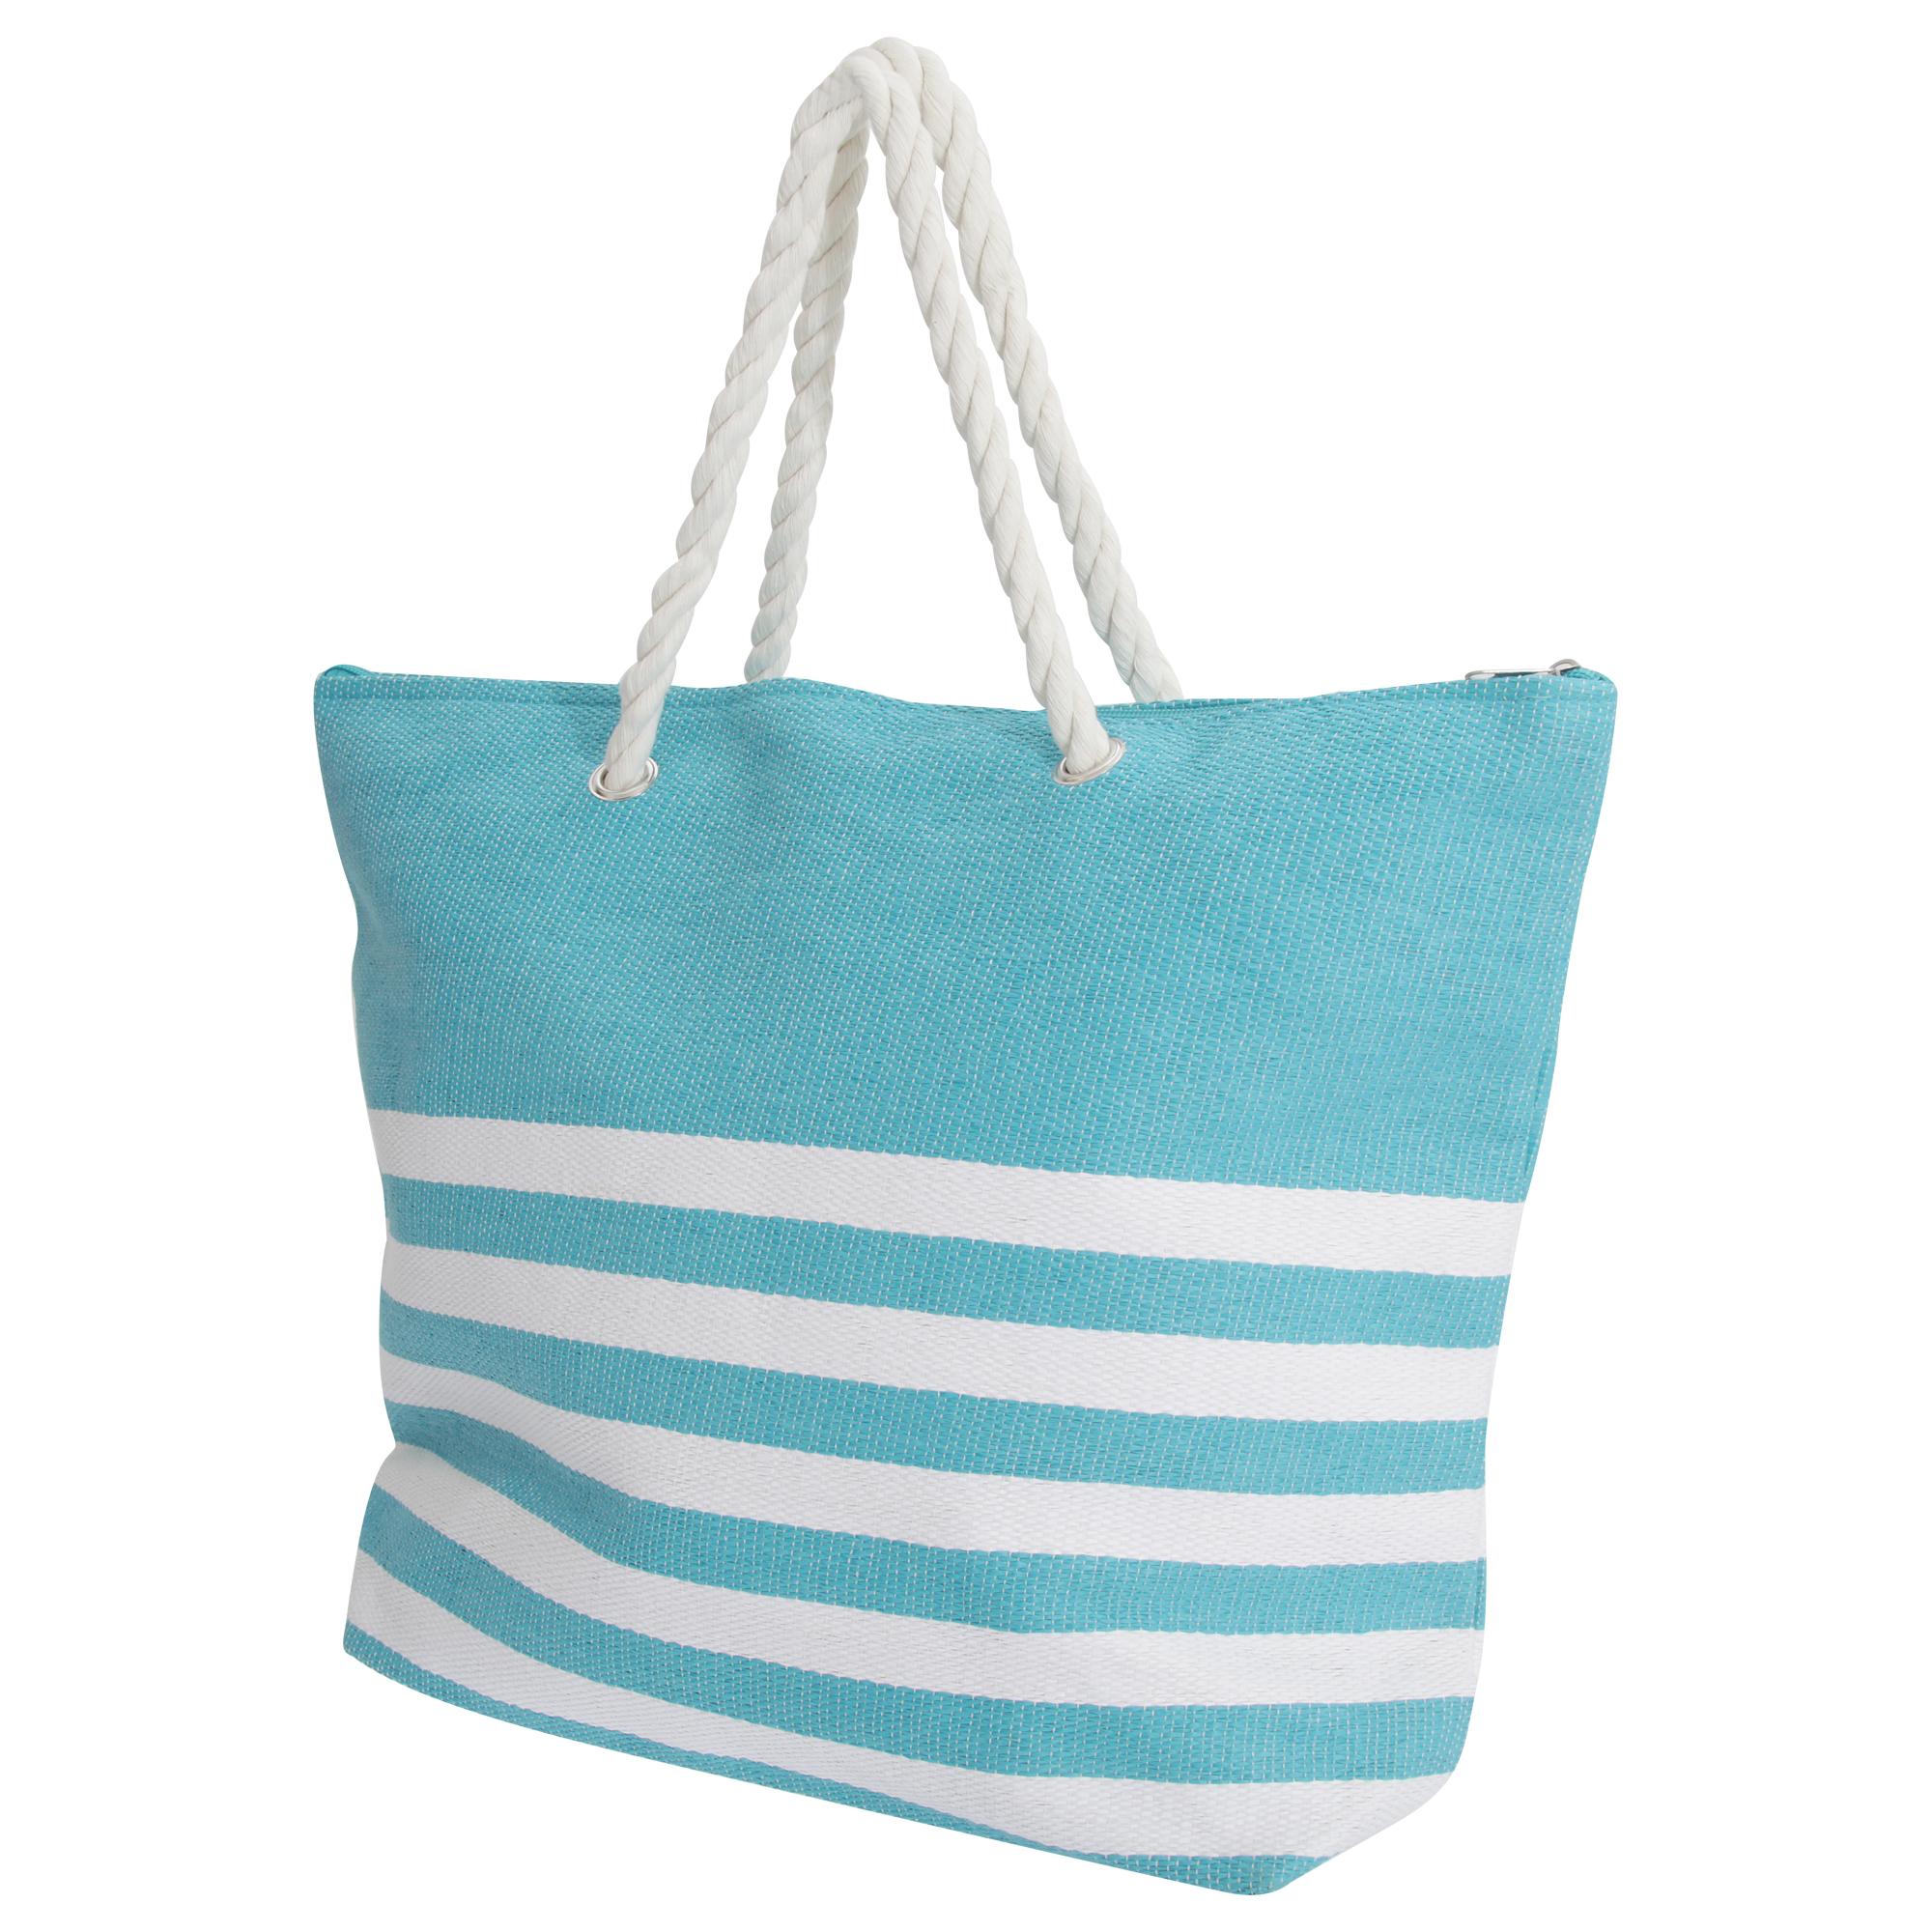 FLOSO-Damen-Sommer-Stroh-Handtasche-mit-Streifenmuster-BAG208